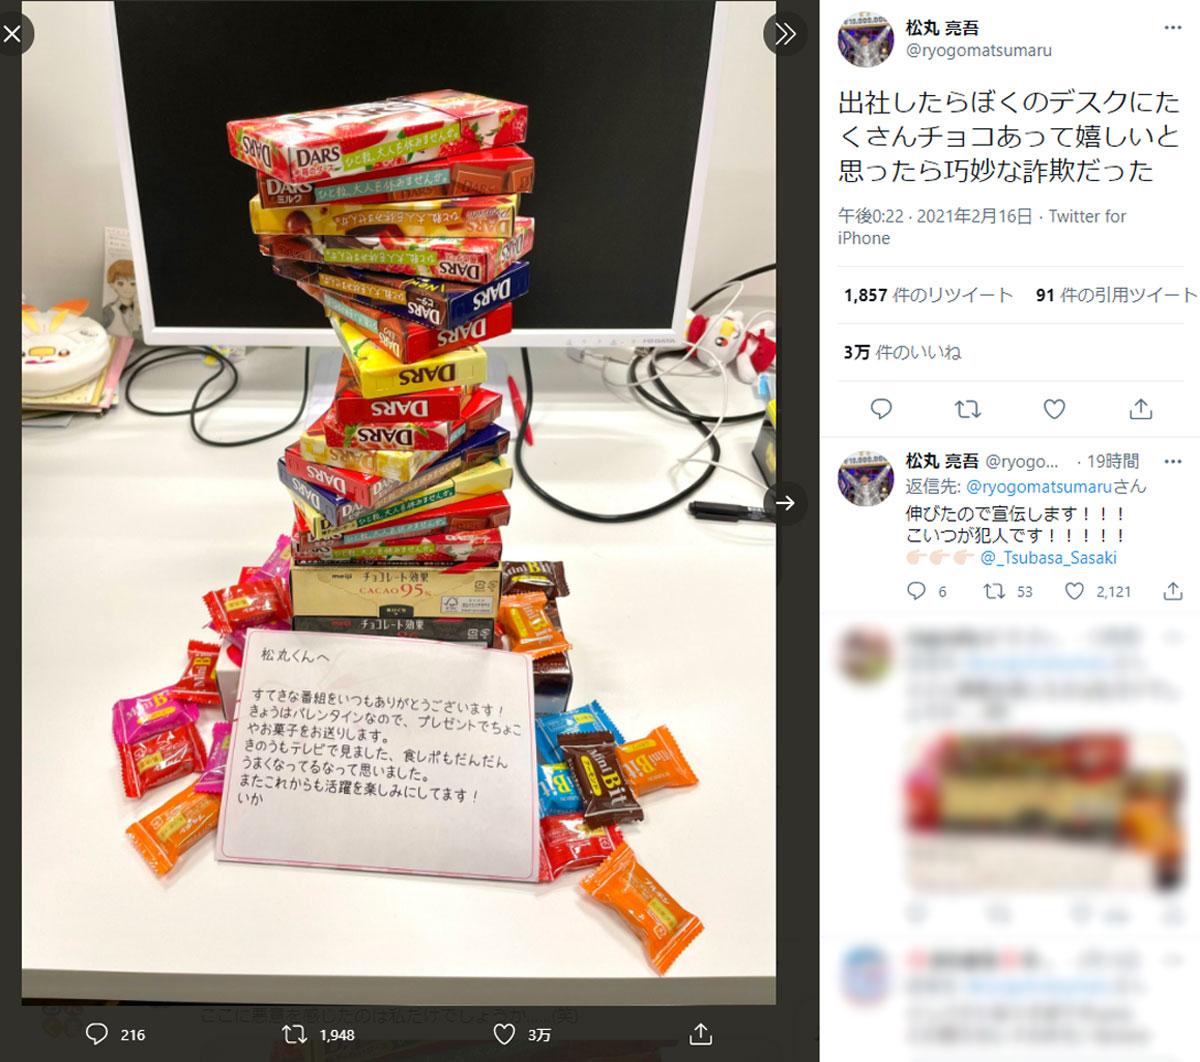 謎解きクリエイター・松丸亮吾が「巧妙な詐欺」にあったことを報告